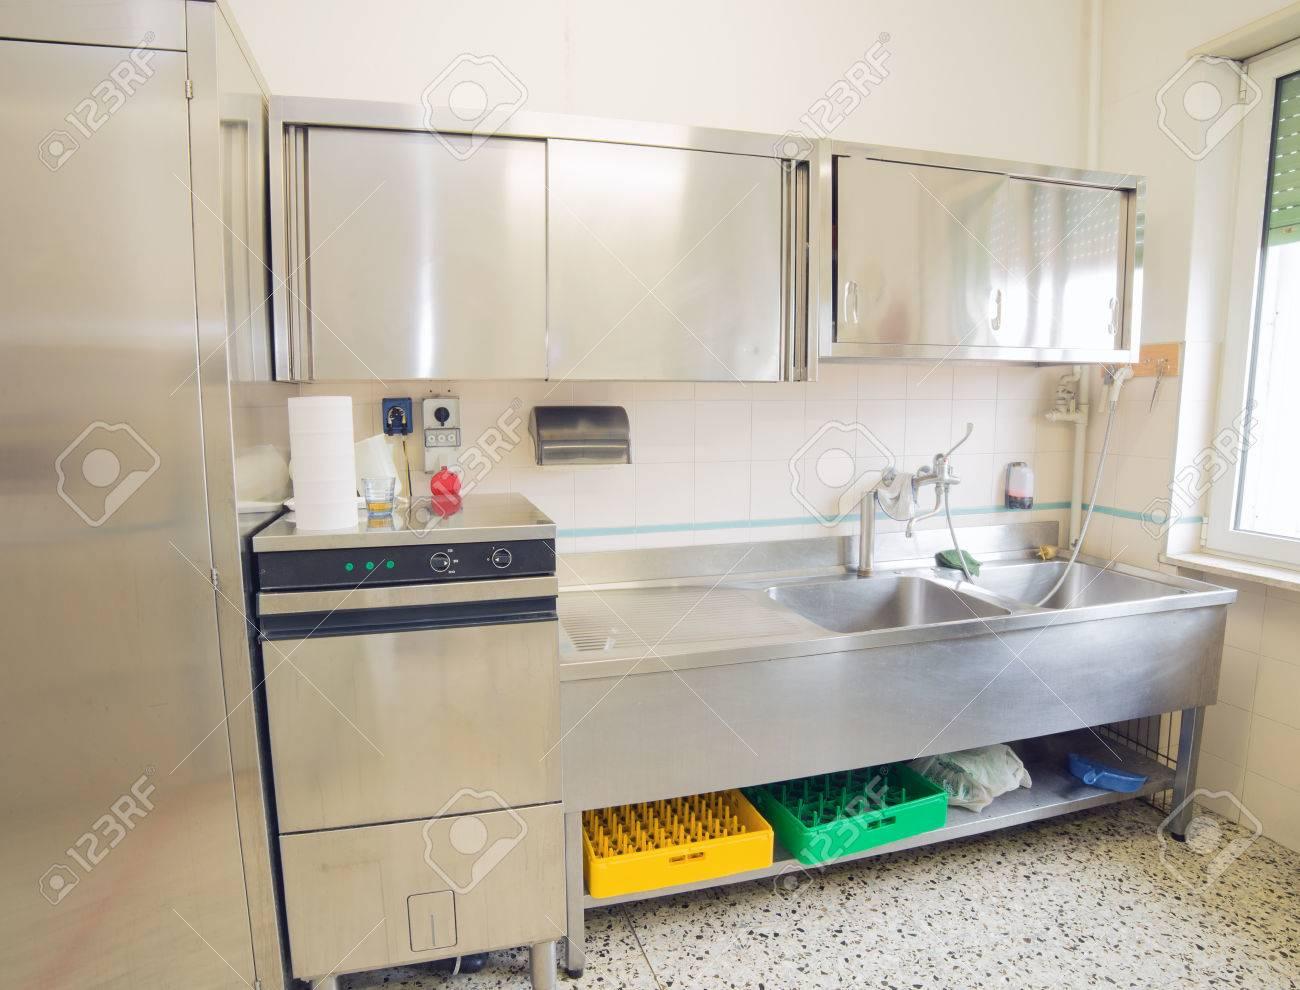 Mini Küchenzeile Mit Kühlschrank : Mini küche mit warmwasser boiler herdplatten kl kühlschrank